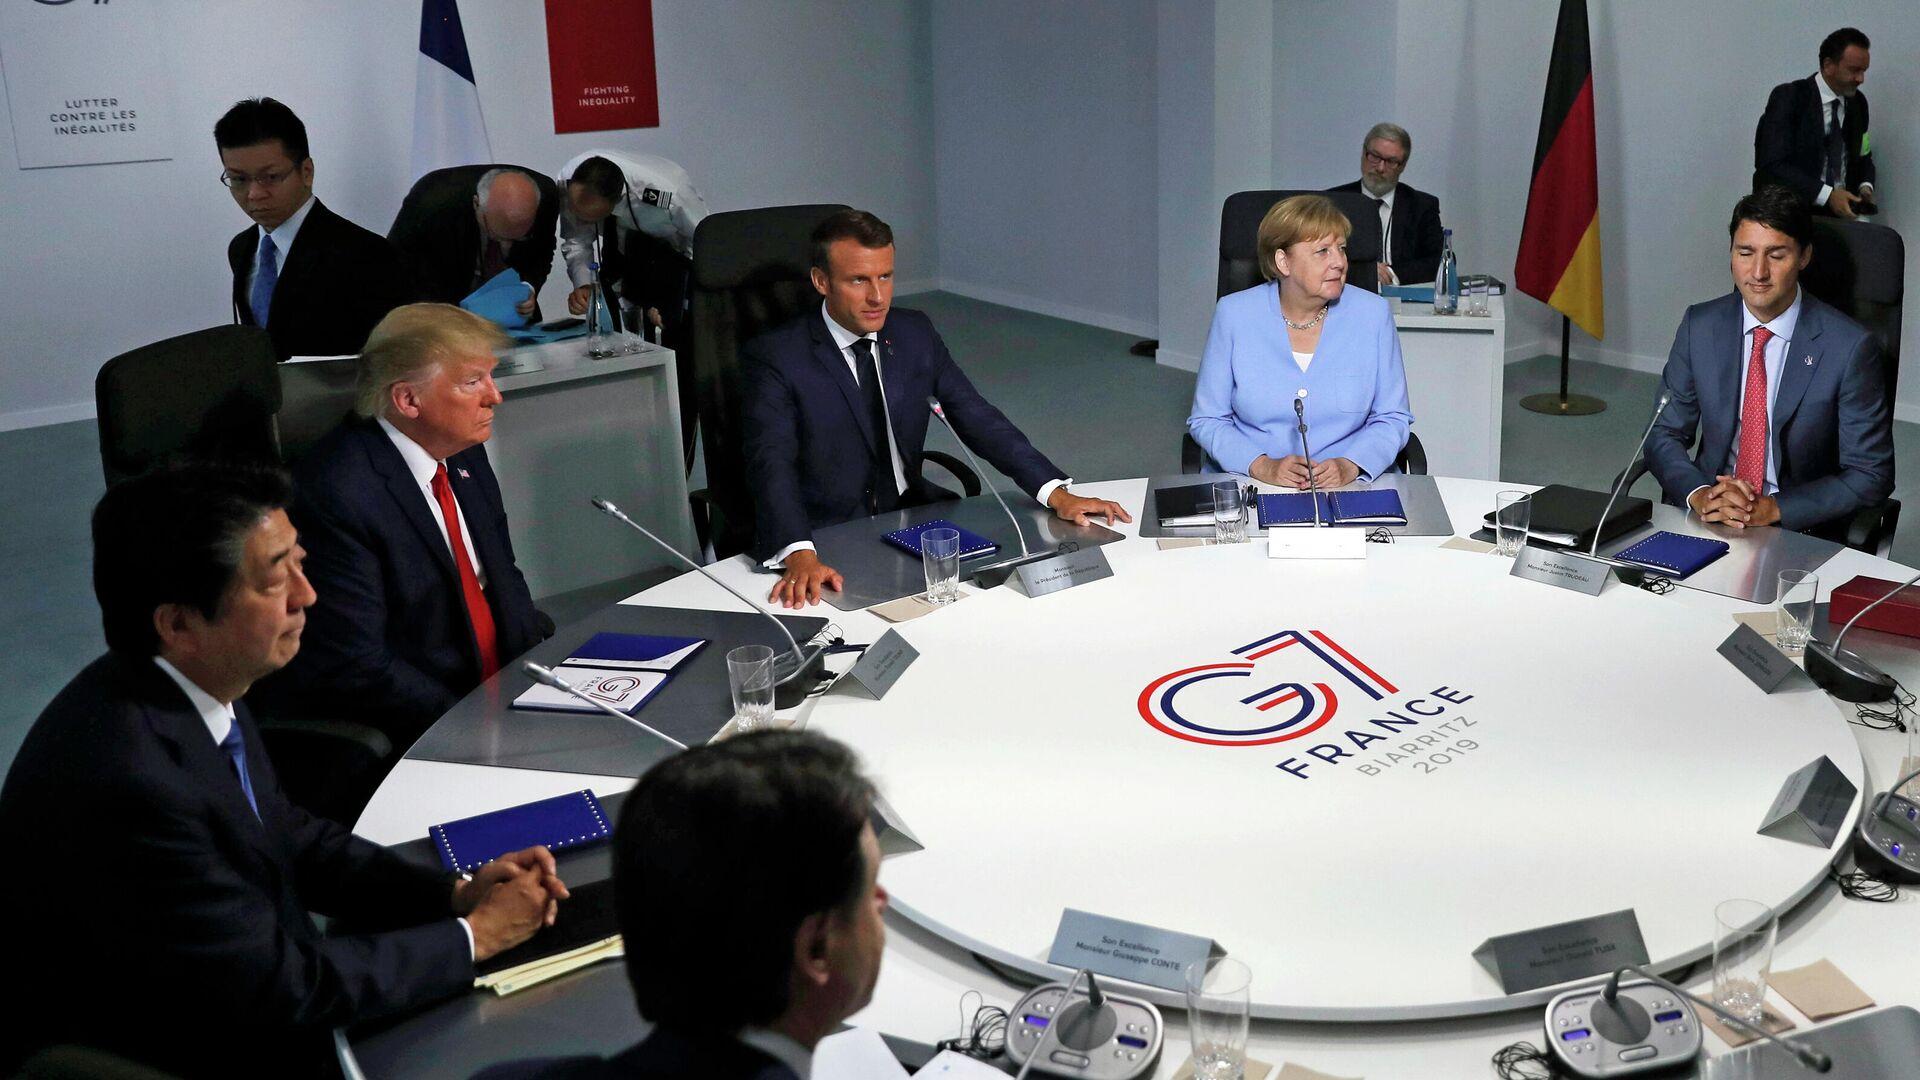 Лидеры стран-участниц G7 во время встречи в рамках ежегодного саммита - РИА Новости, 1920, 05.05.2021